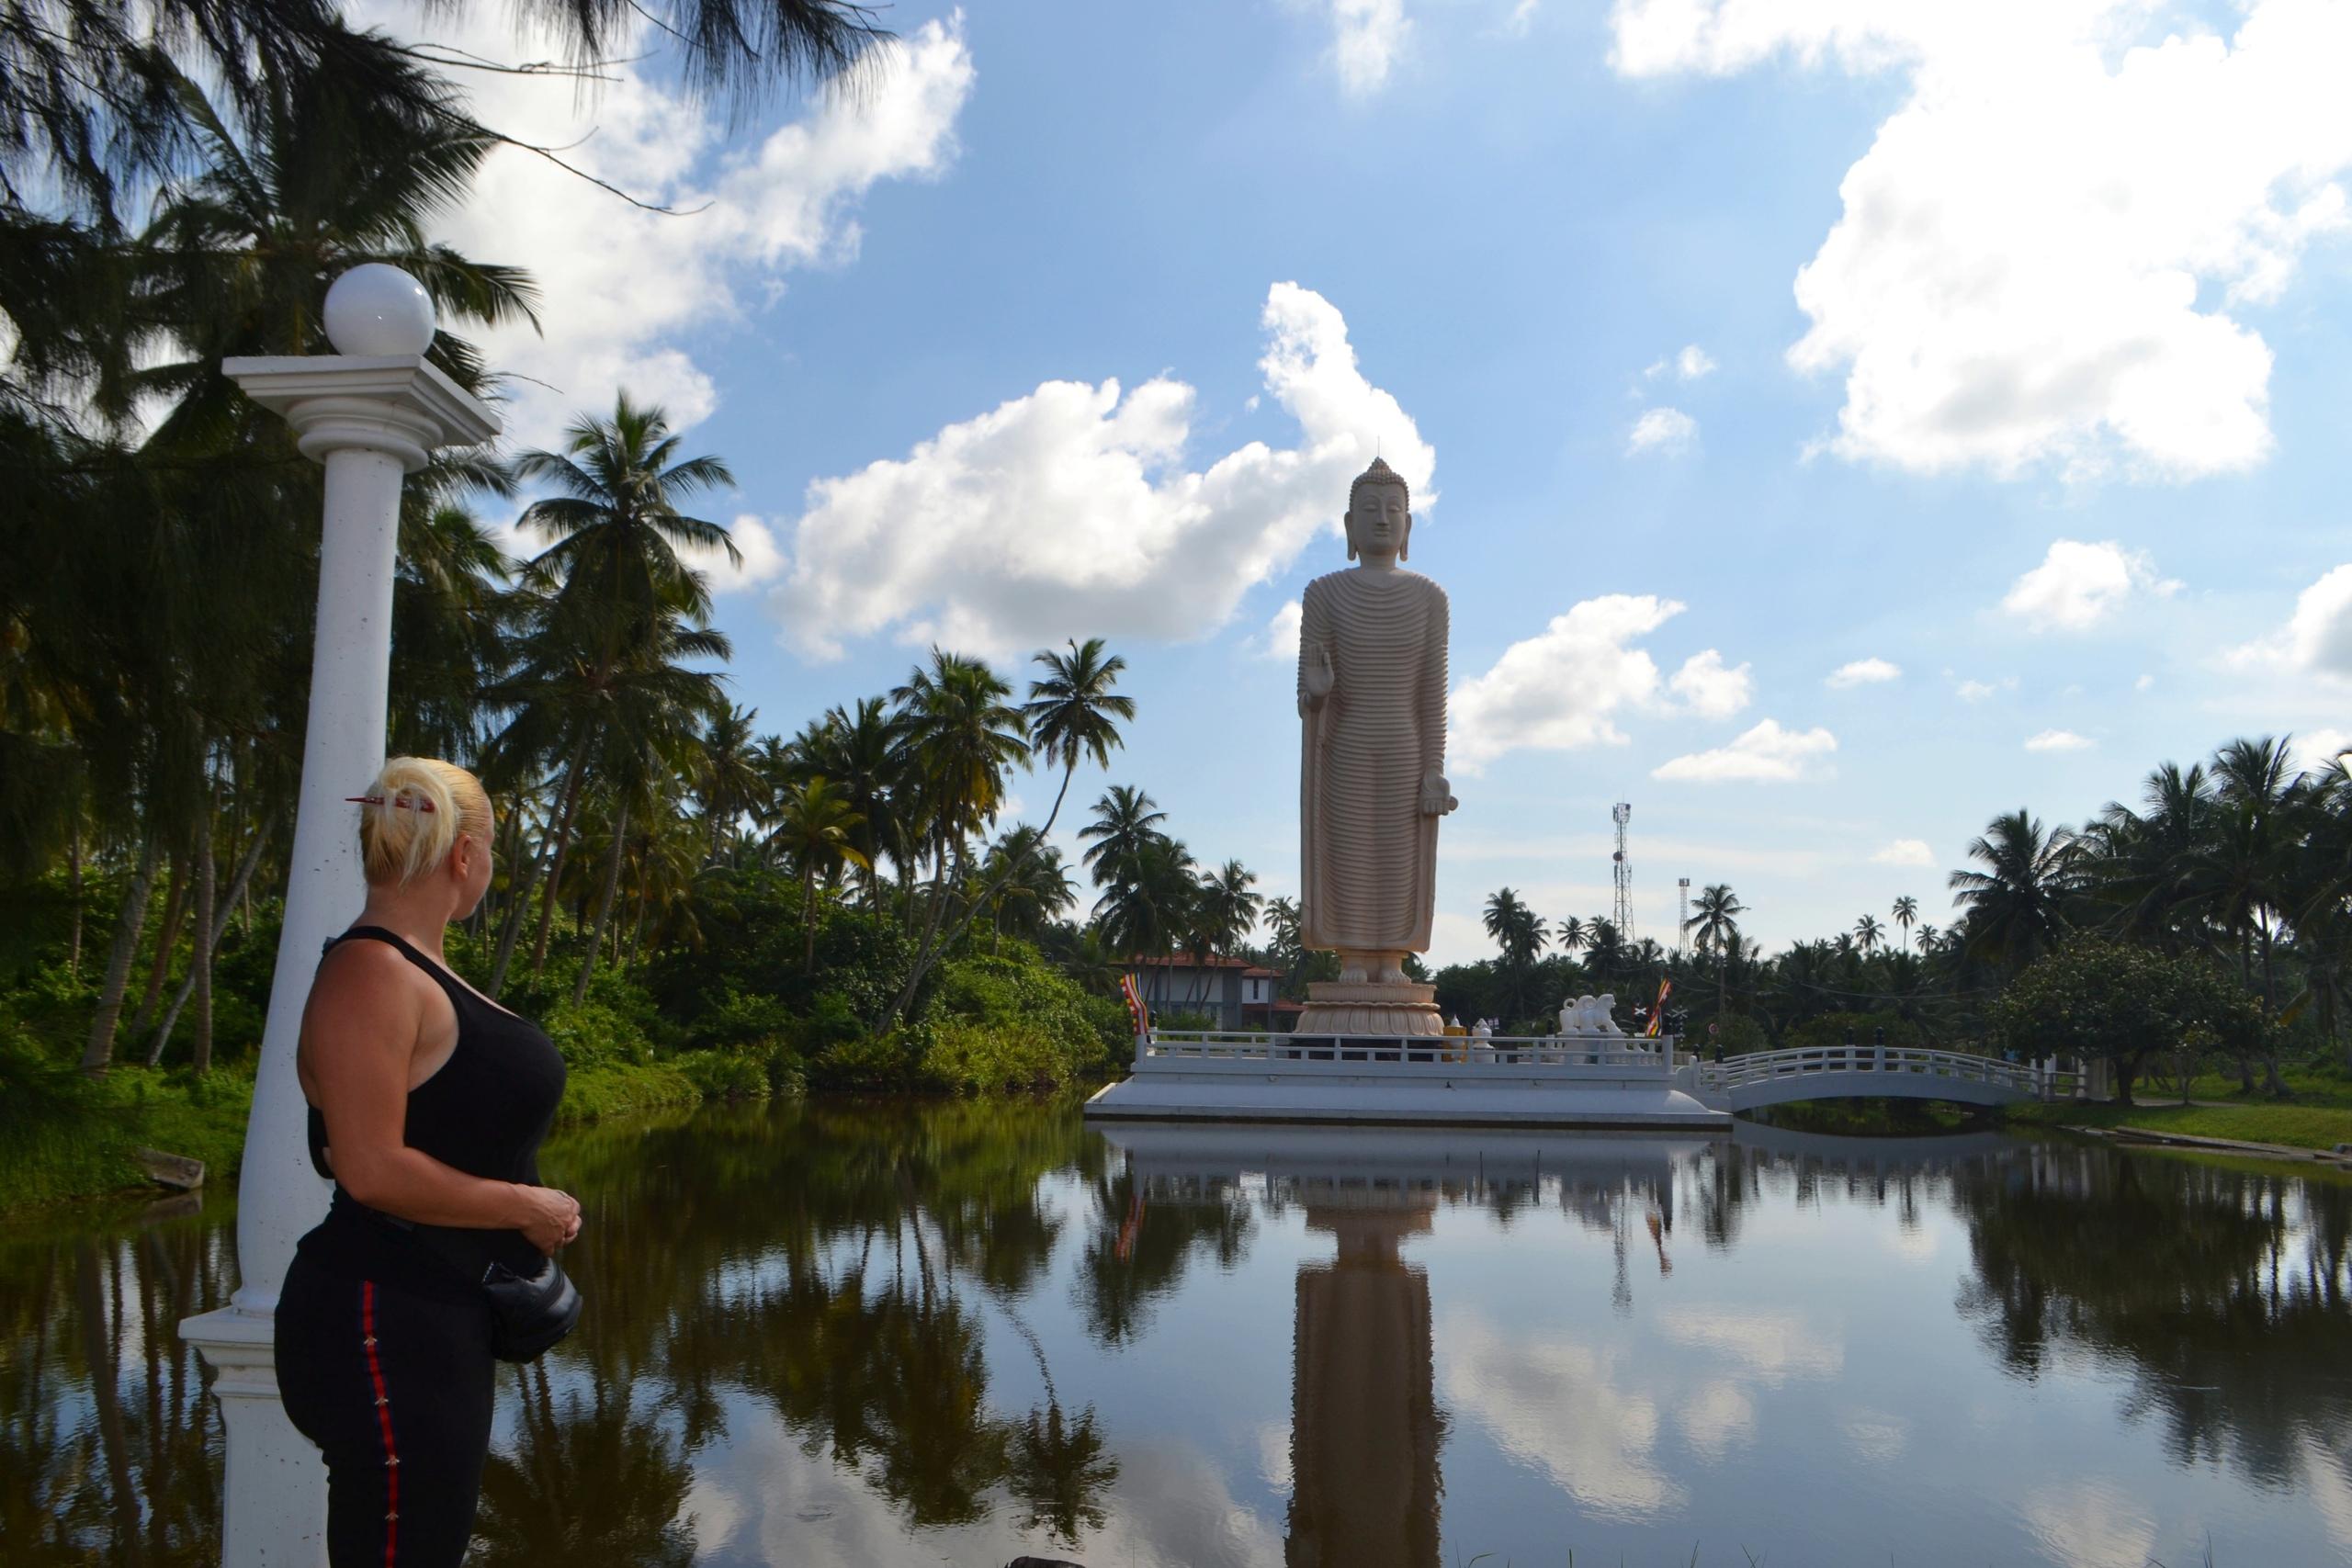 Шри Ланка (фото) - Страница 2 ZQ-Zt1wQtco